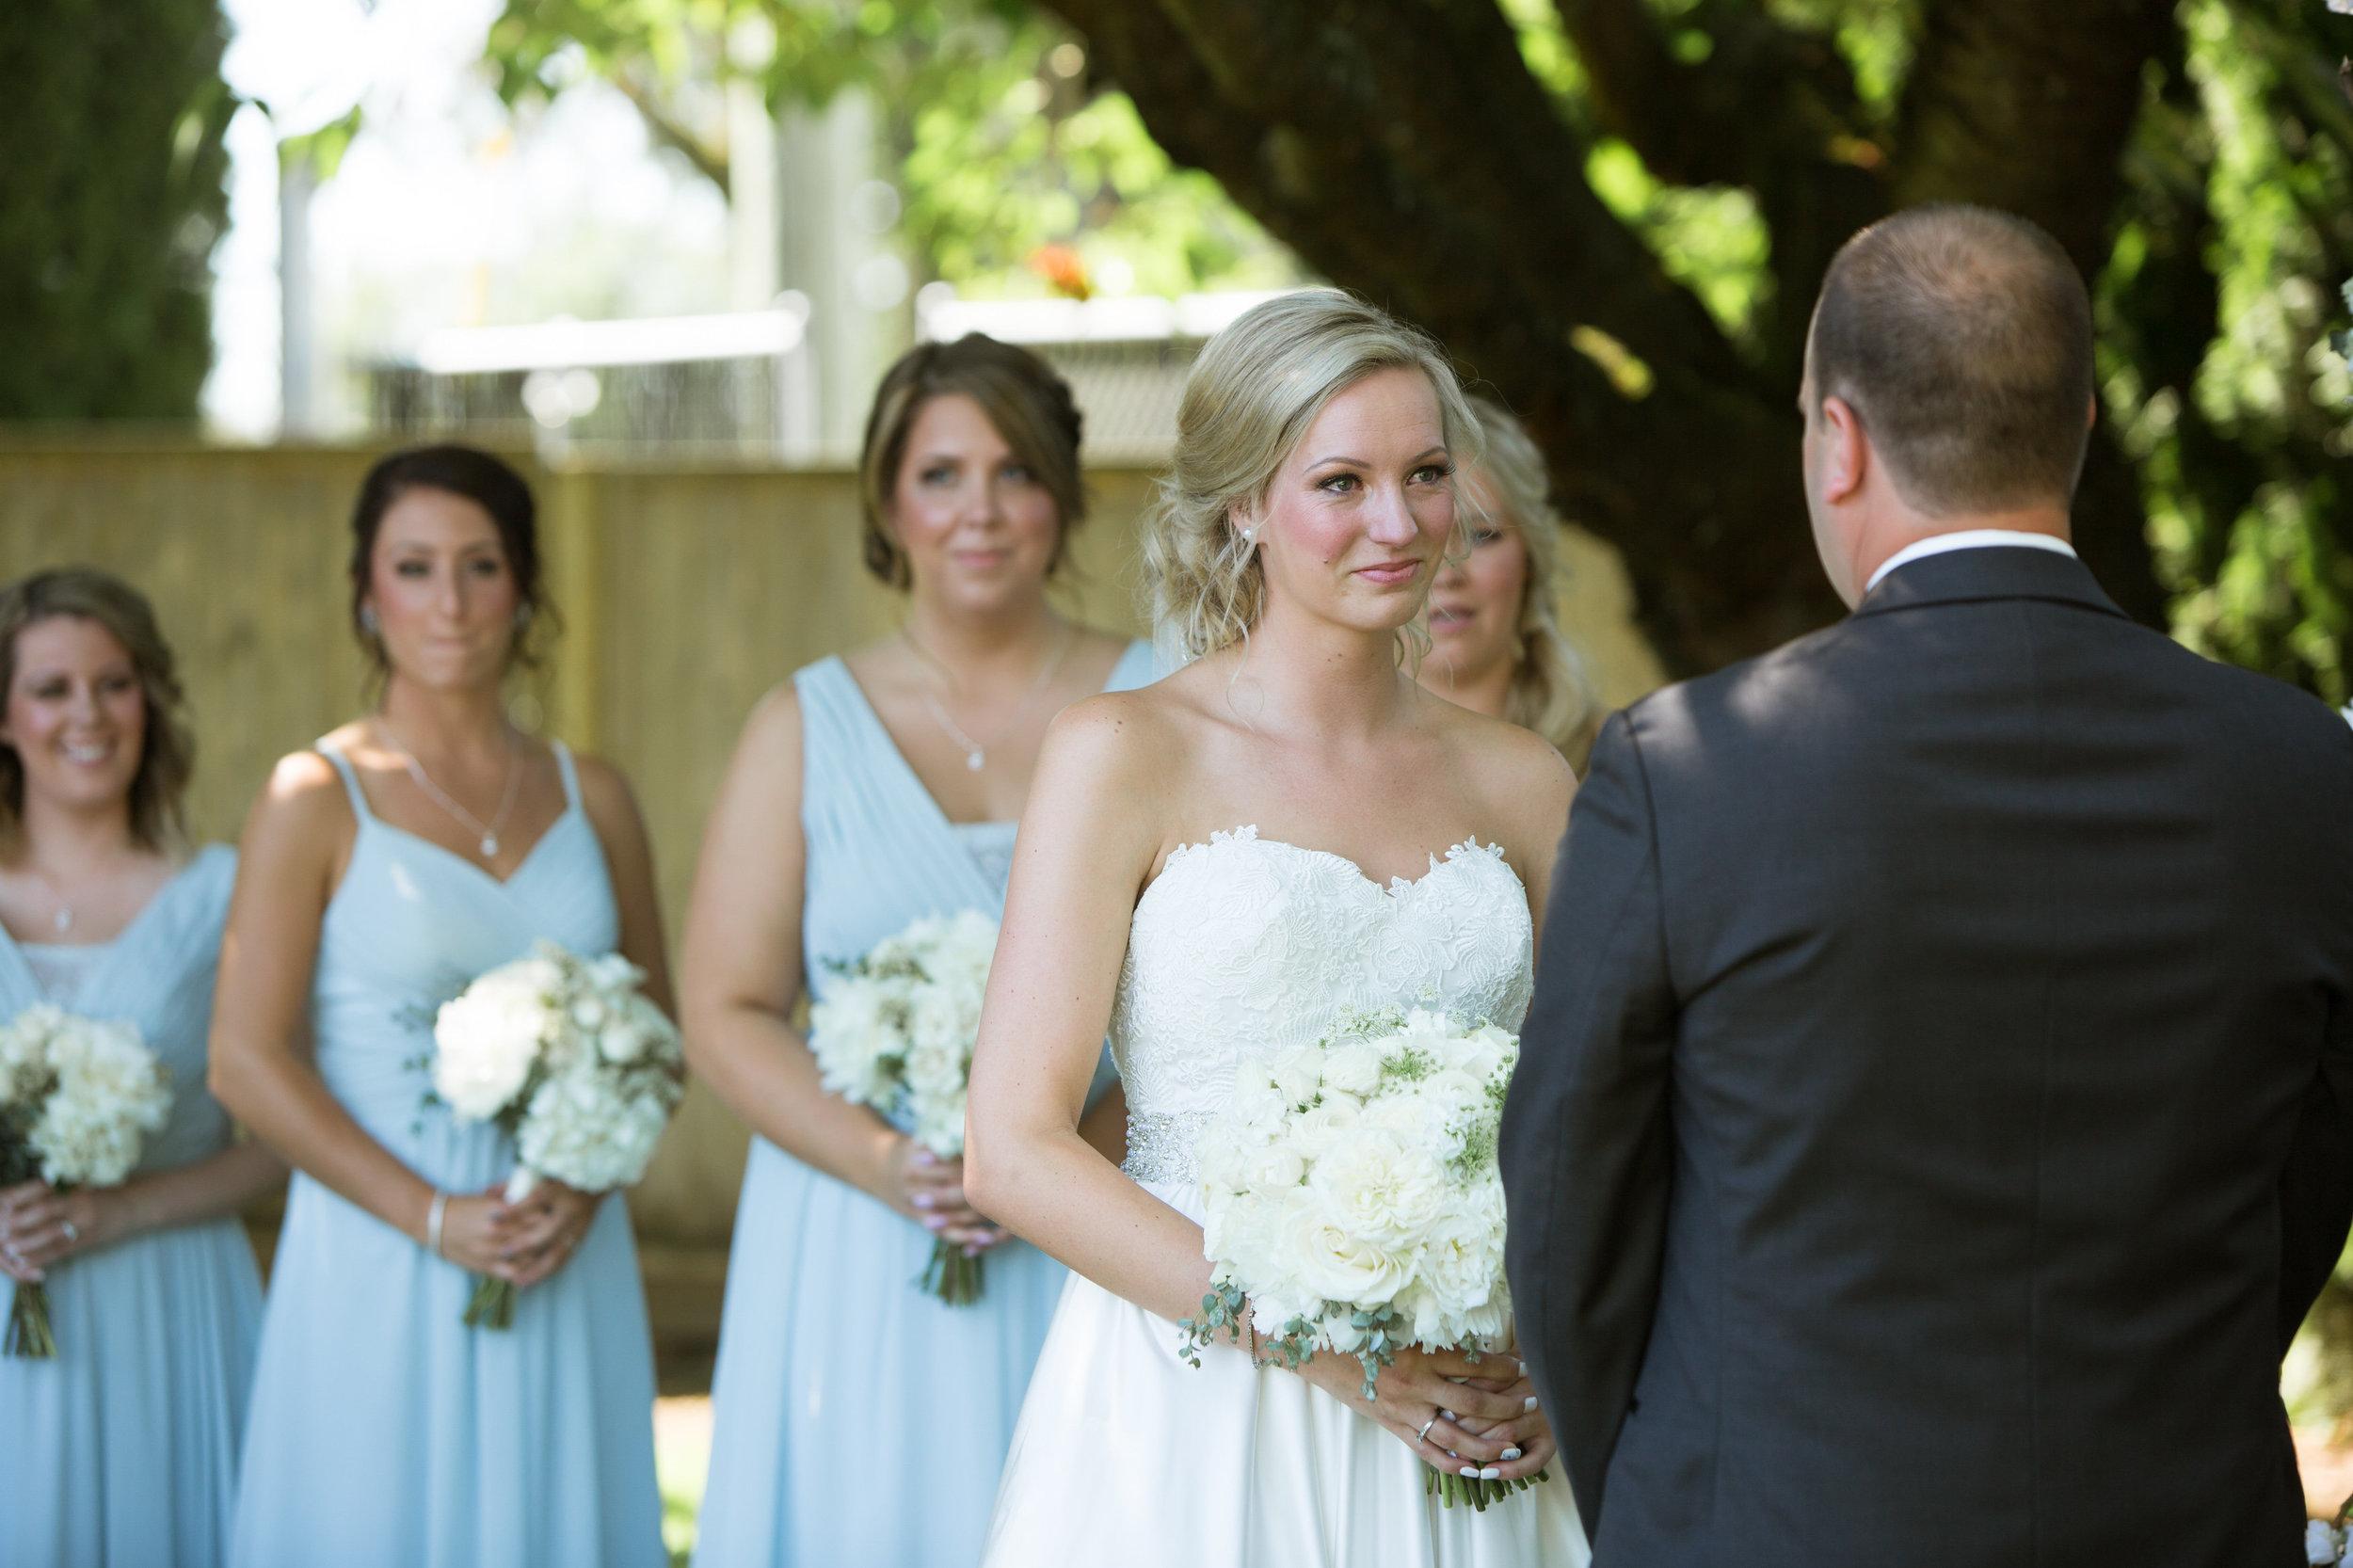 RyanMichelle-wedding-MarkBurnham-250.jpg